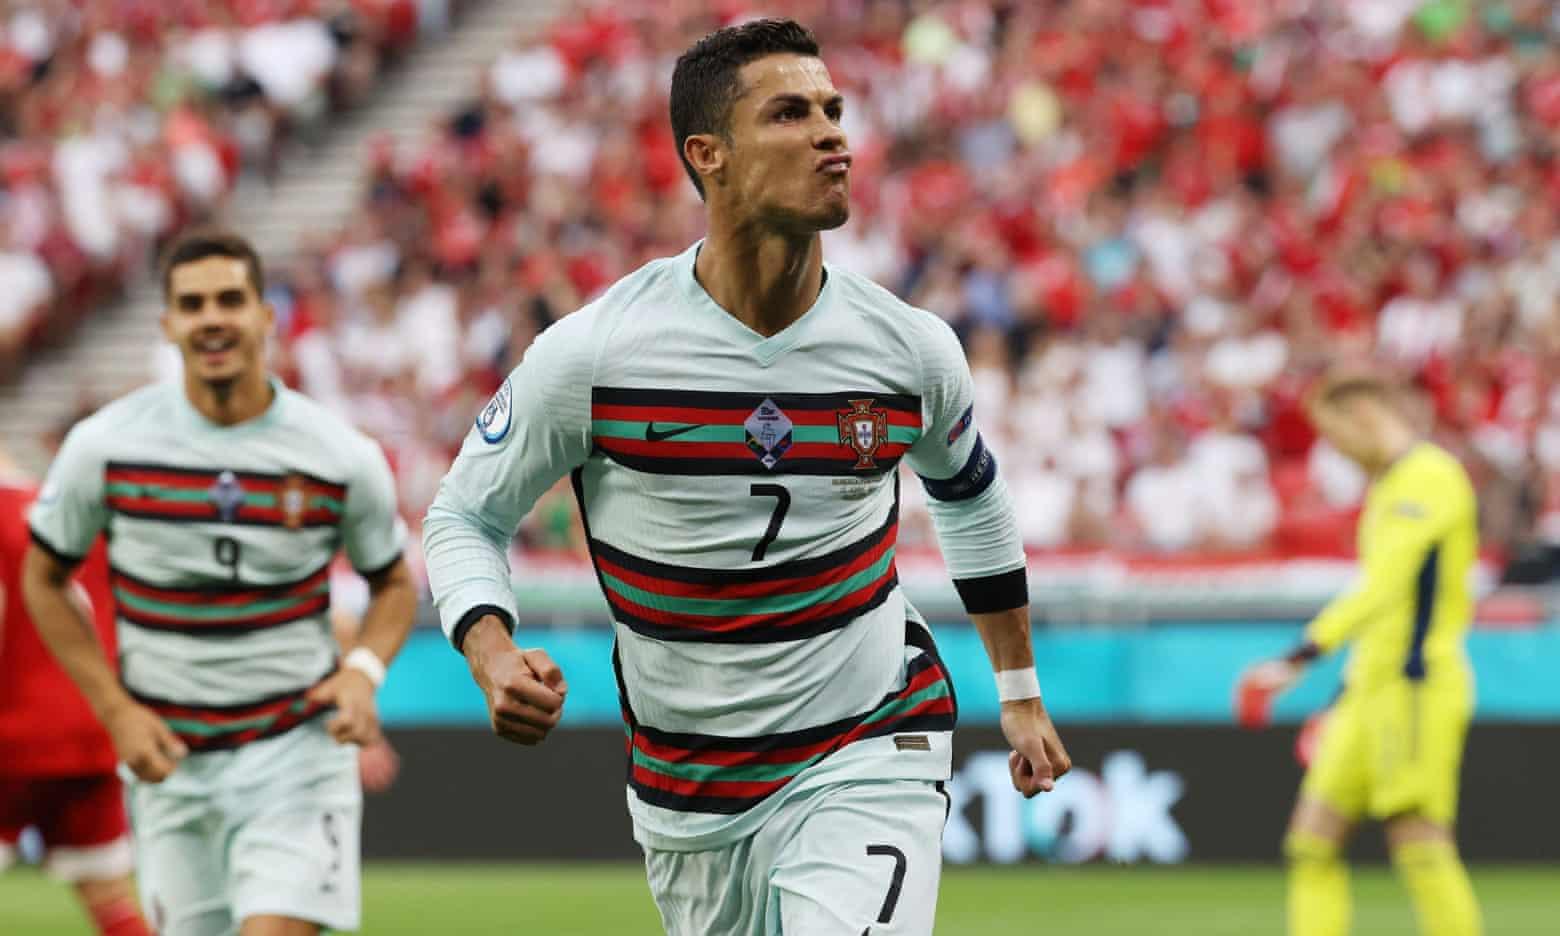 Danh sách cầu thủ ghi bàn nhiều nhất mùa EURO 2020